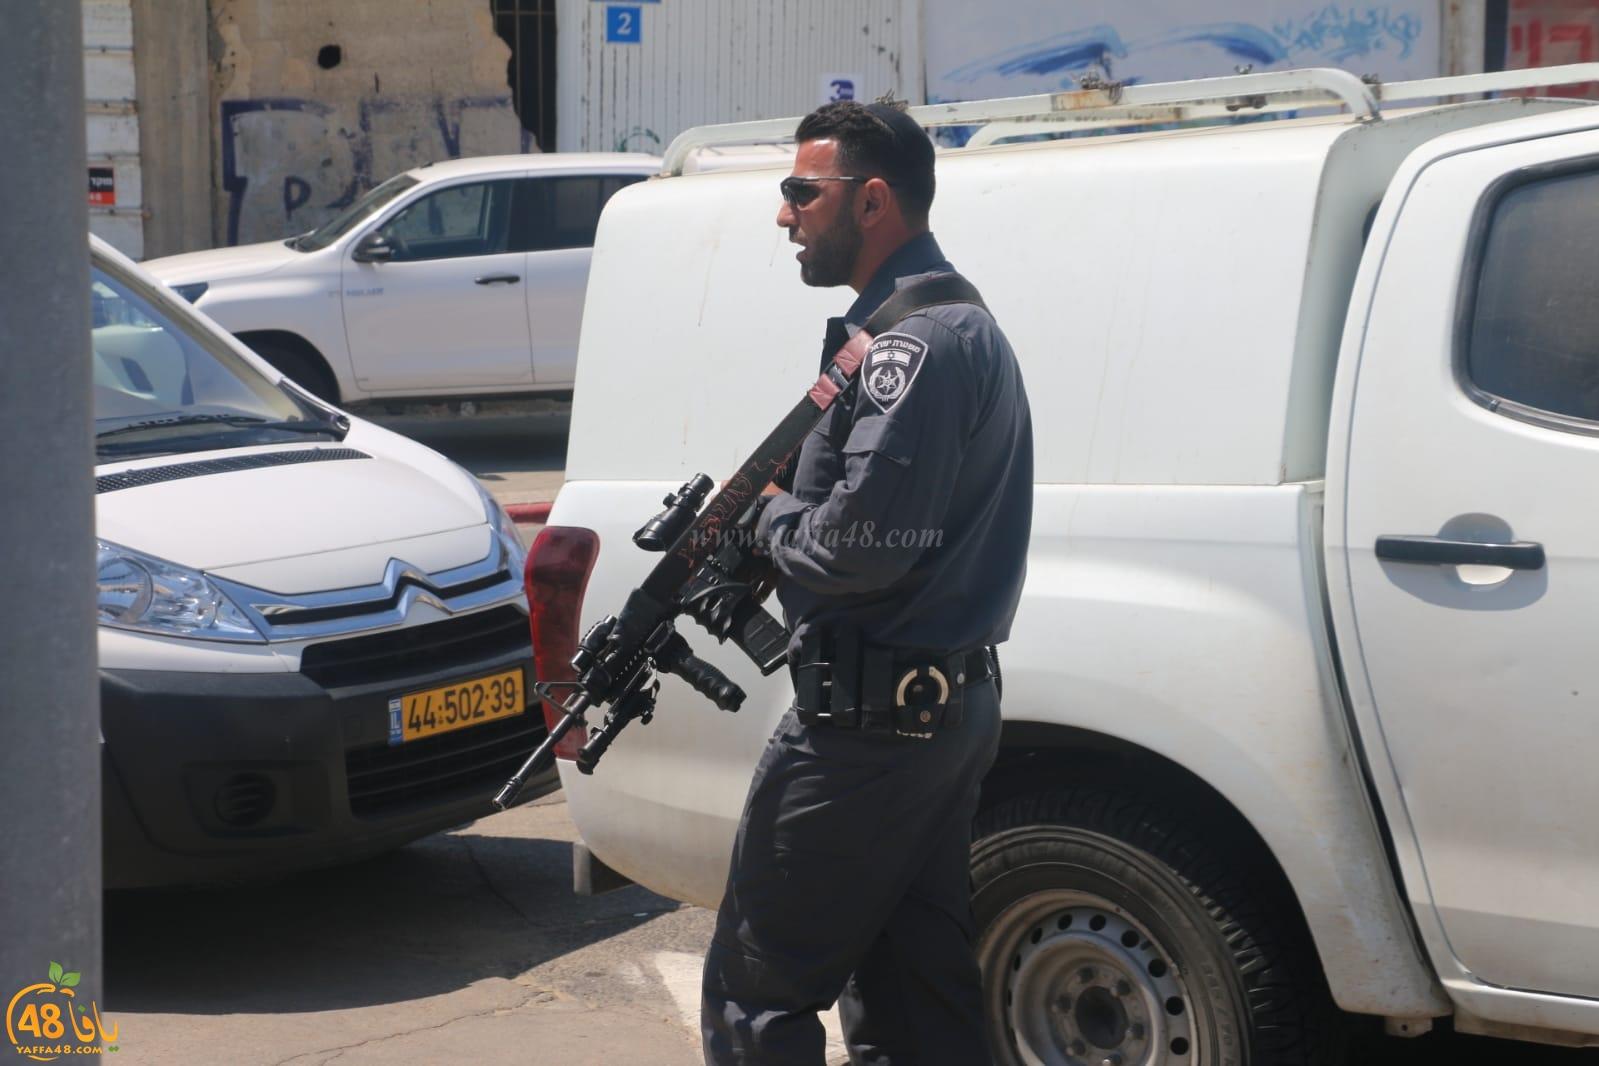 فيديو: الشرطة تعتقل رئيس الهيئة الاسلامية بيافا وتعتدي على الشبان بالضرب